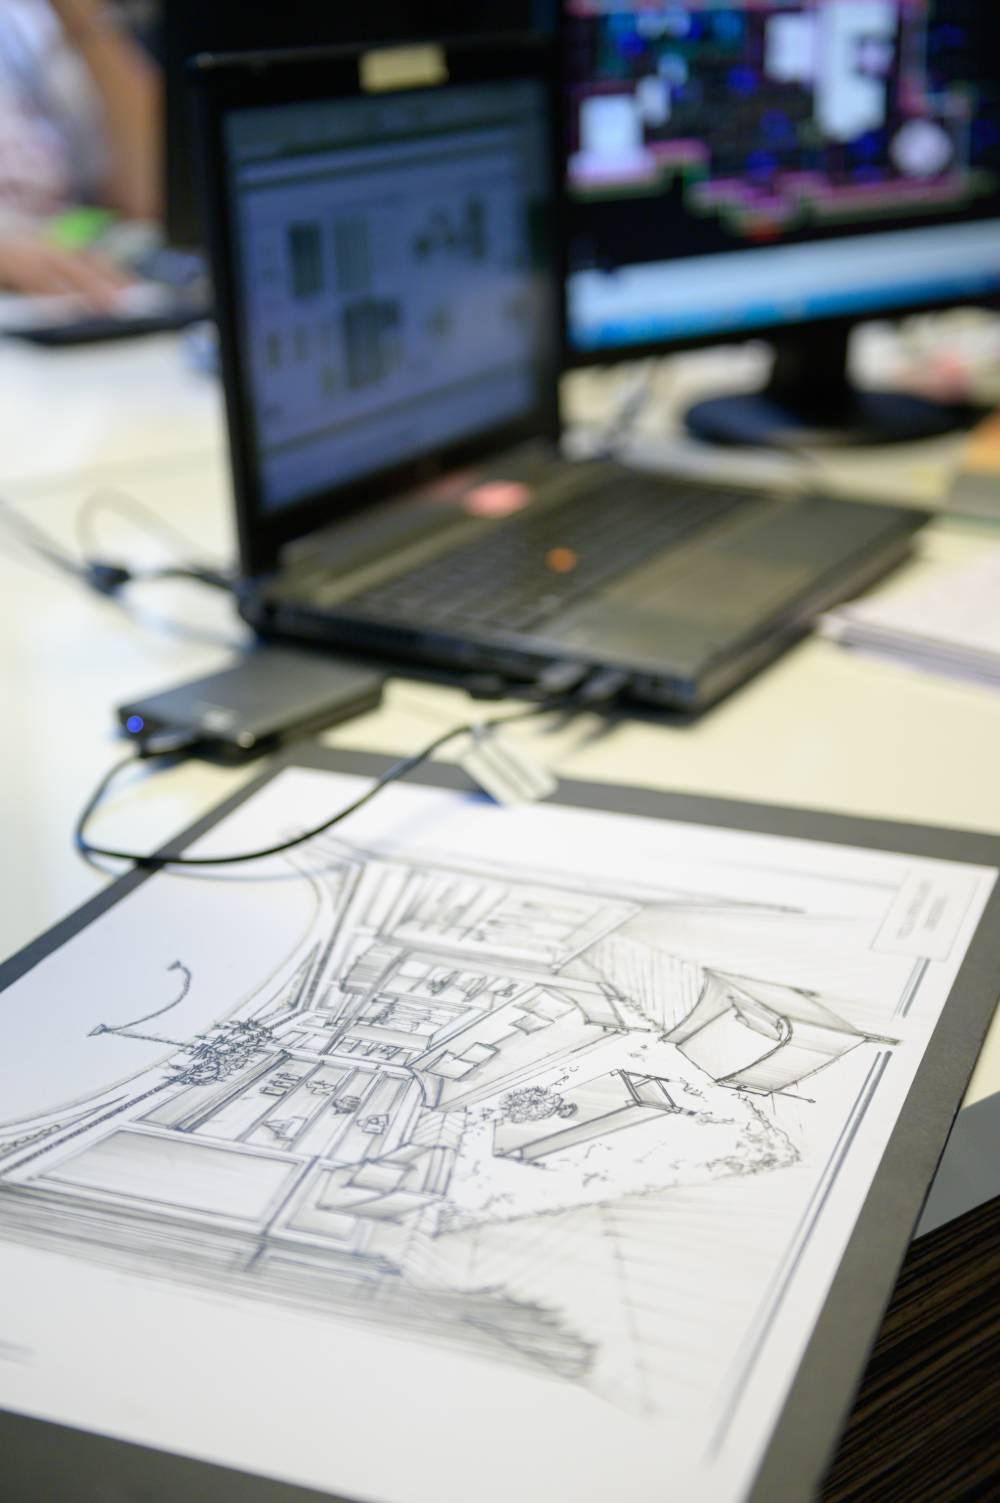 photo d'un bureau d'architecte montrant un ordinateur et un plan dessiné prise par photographe entreprise et corporate